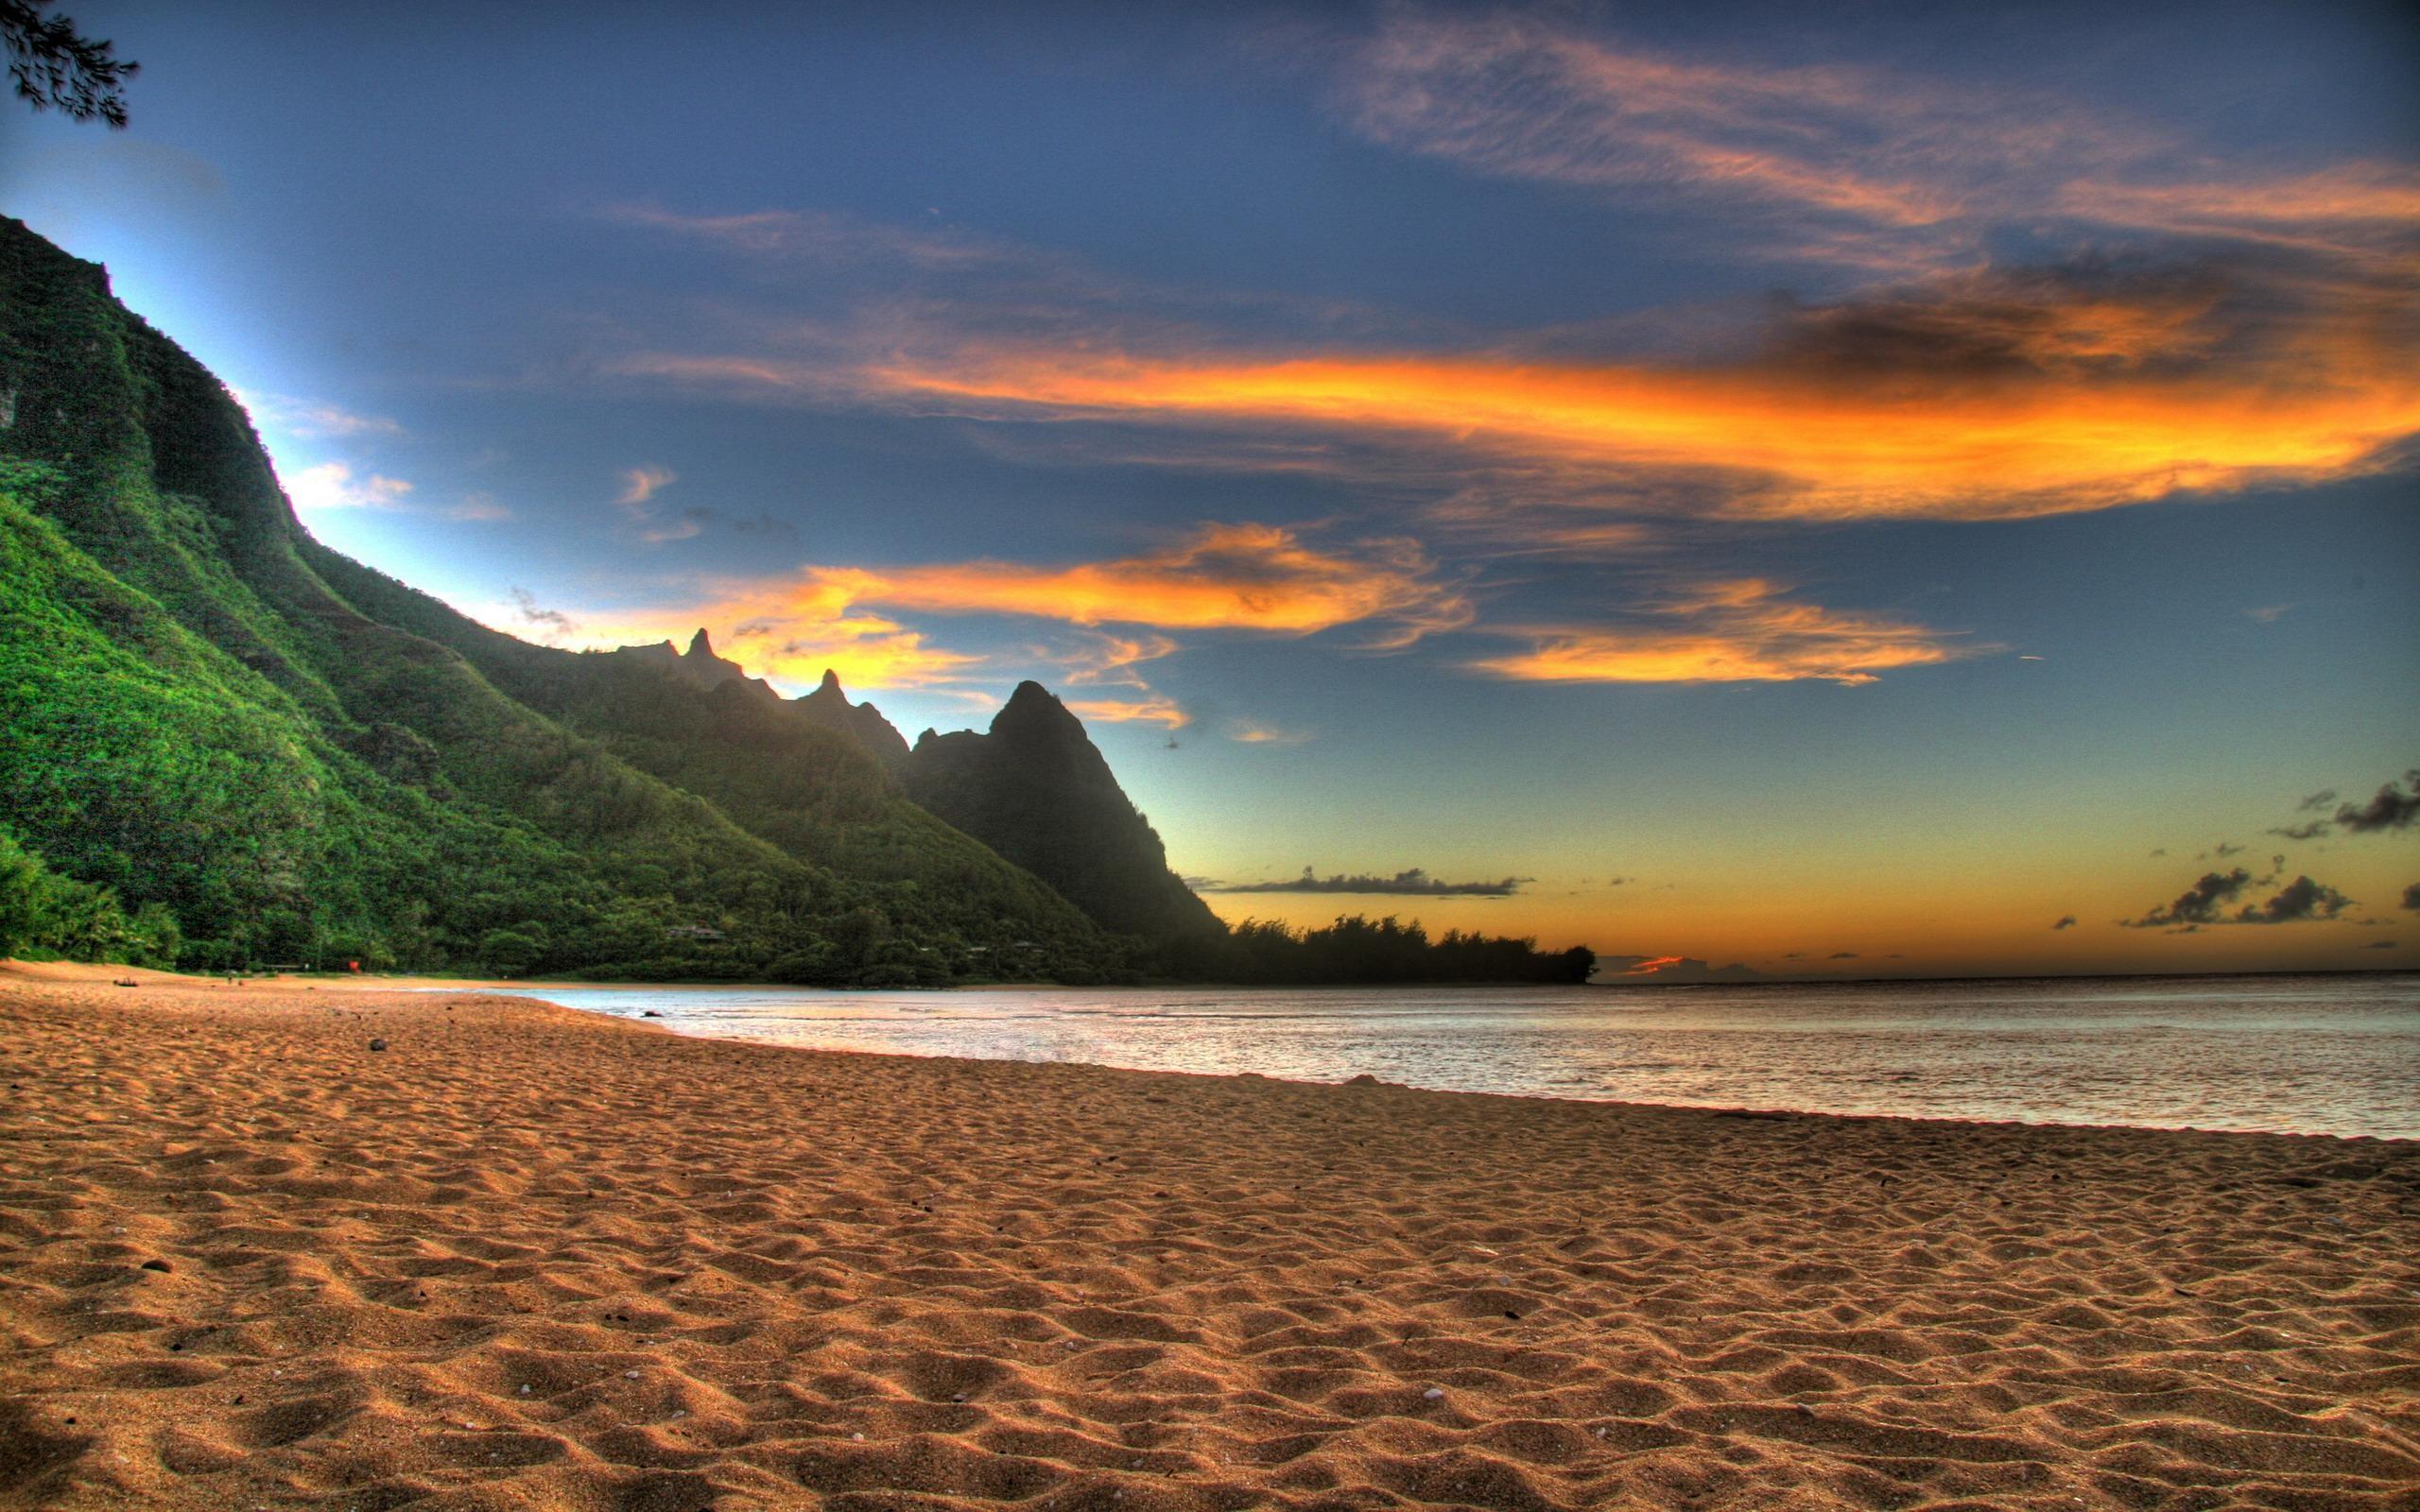 Res: 2560x1600, Beach Sunset Wallpaper 14 - 2560 X 1600